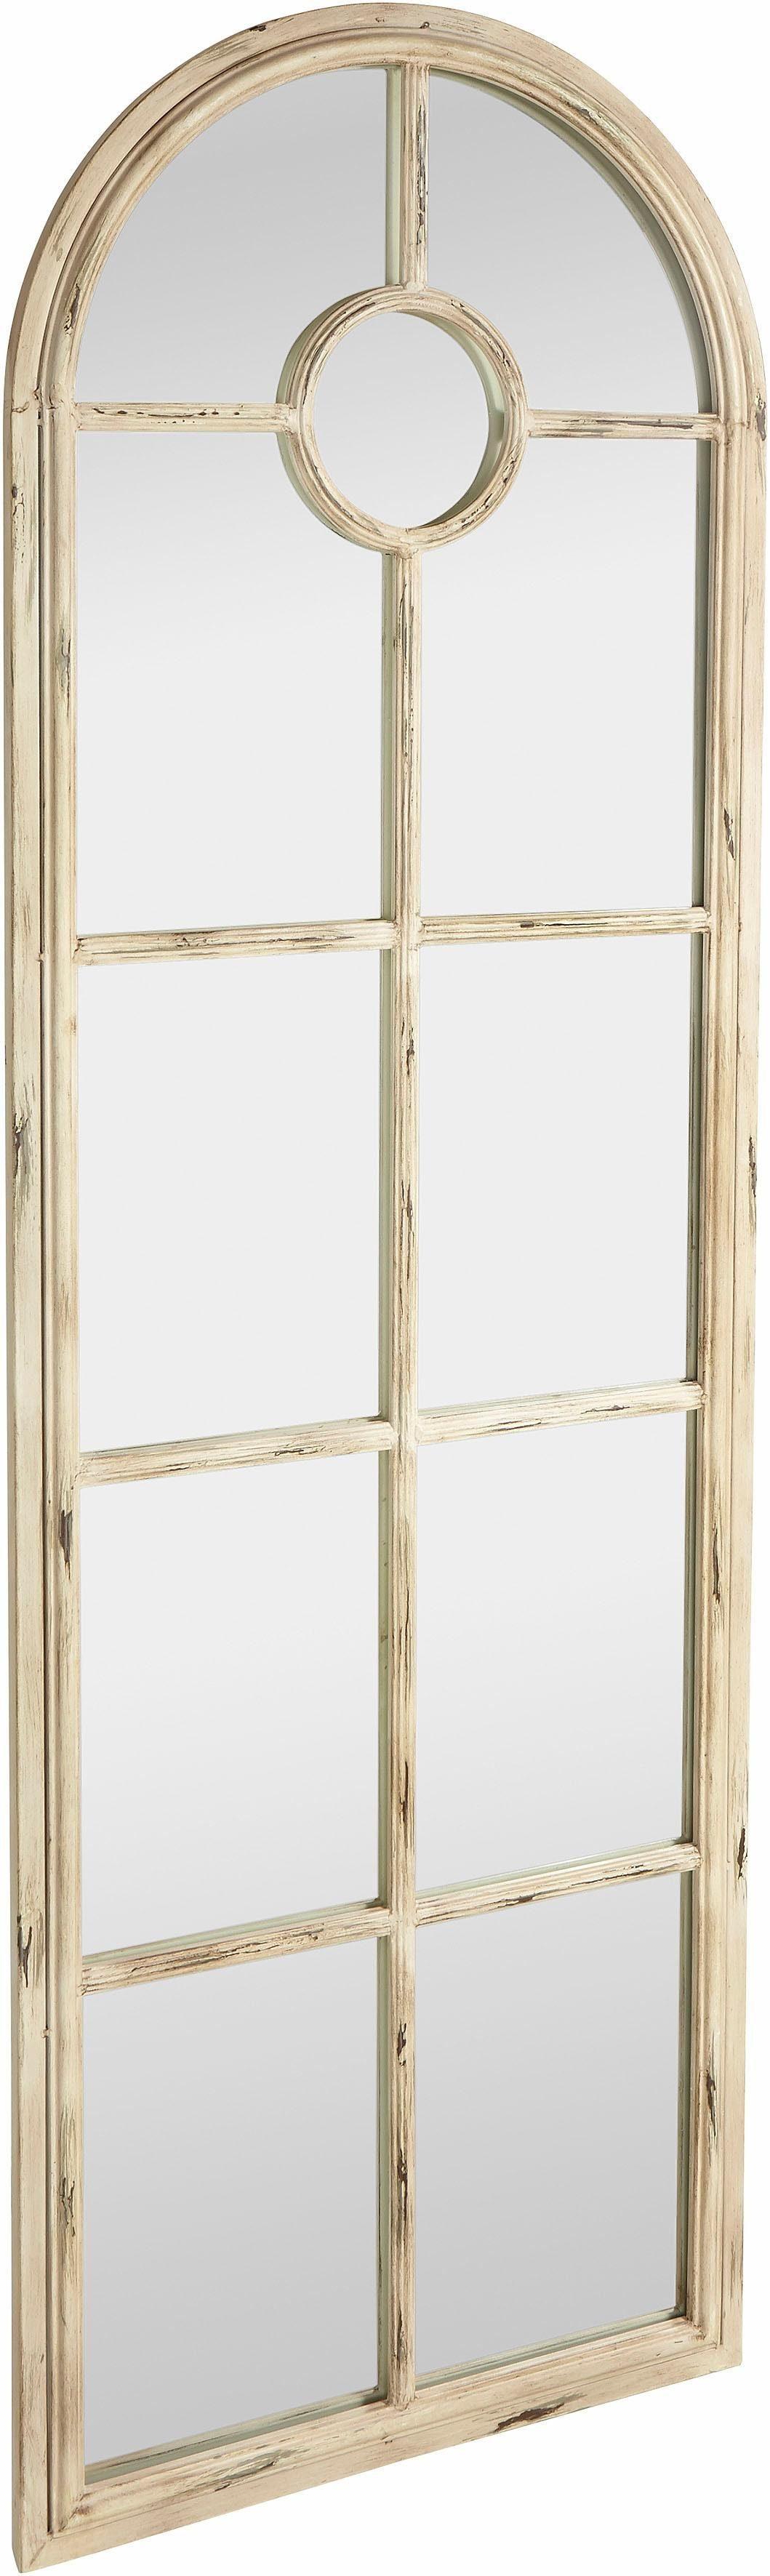 Home Affaire Spiegel »Fenster« 59/180 cm